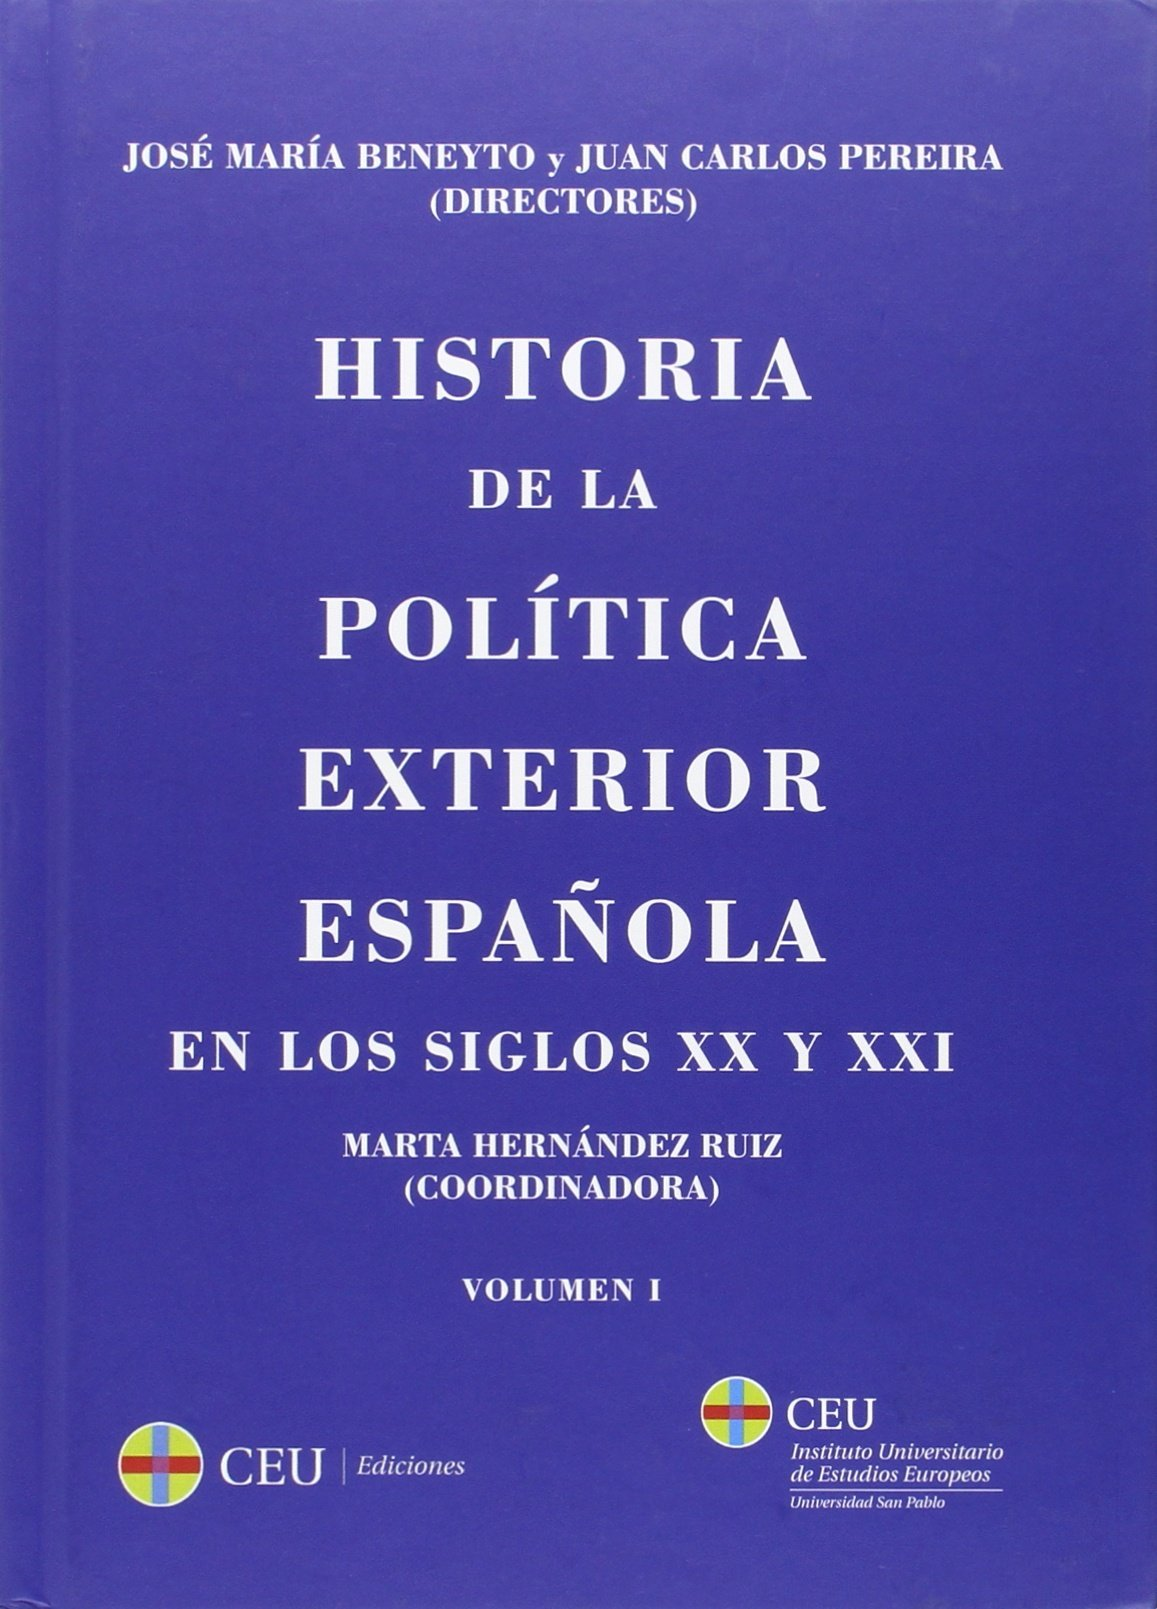 Historia de la política exterior española en los siglos XX y XXI: 2: Amazon.es: Beneyto Pérez, José María, Pereira Castañares, Juan Carlos: Libros